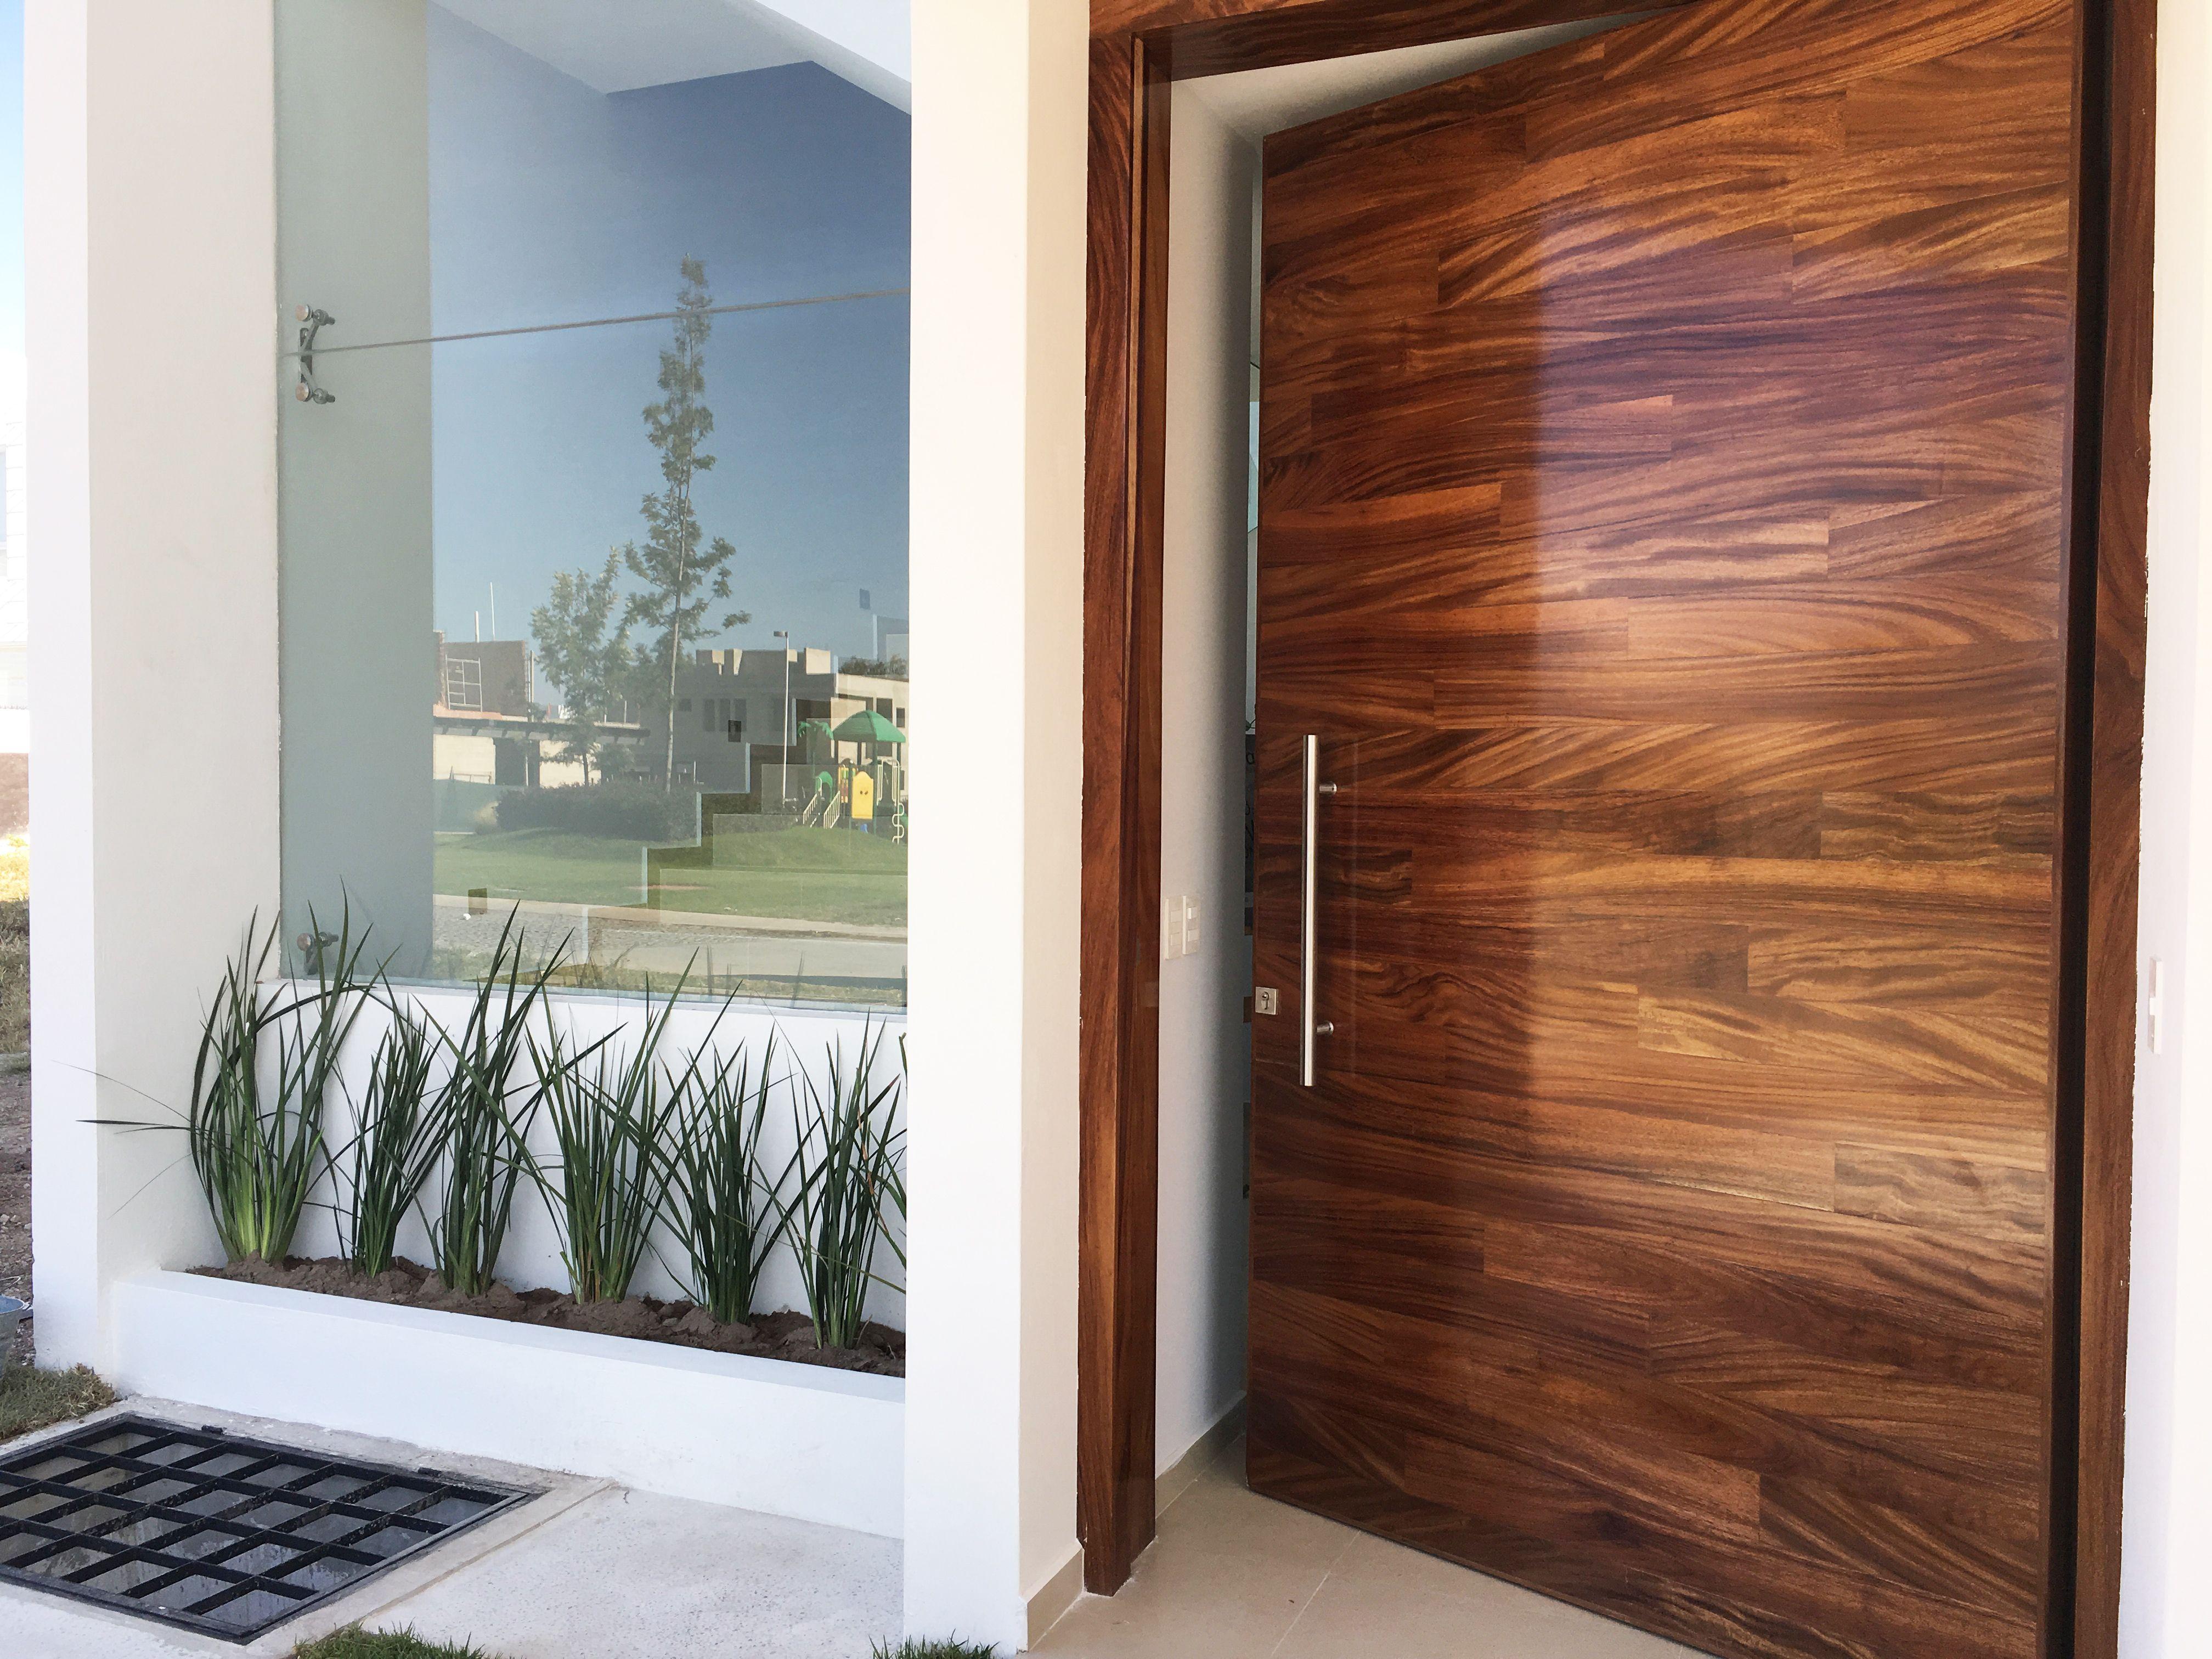 Puerta madera parota punto sur residencial planlife for Puertas de entrada de casas modernas